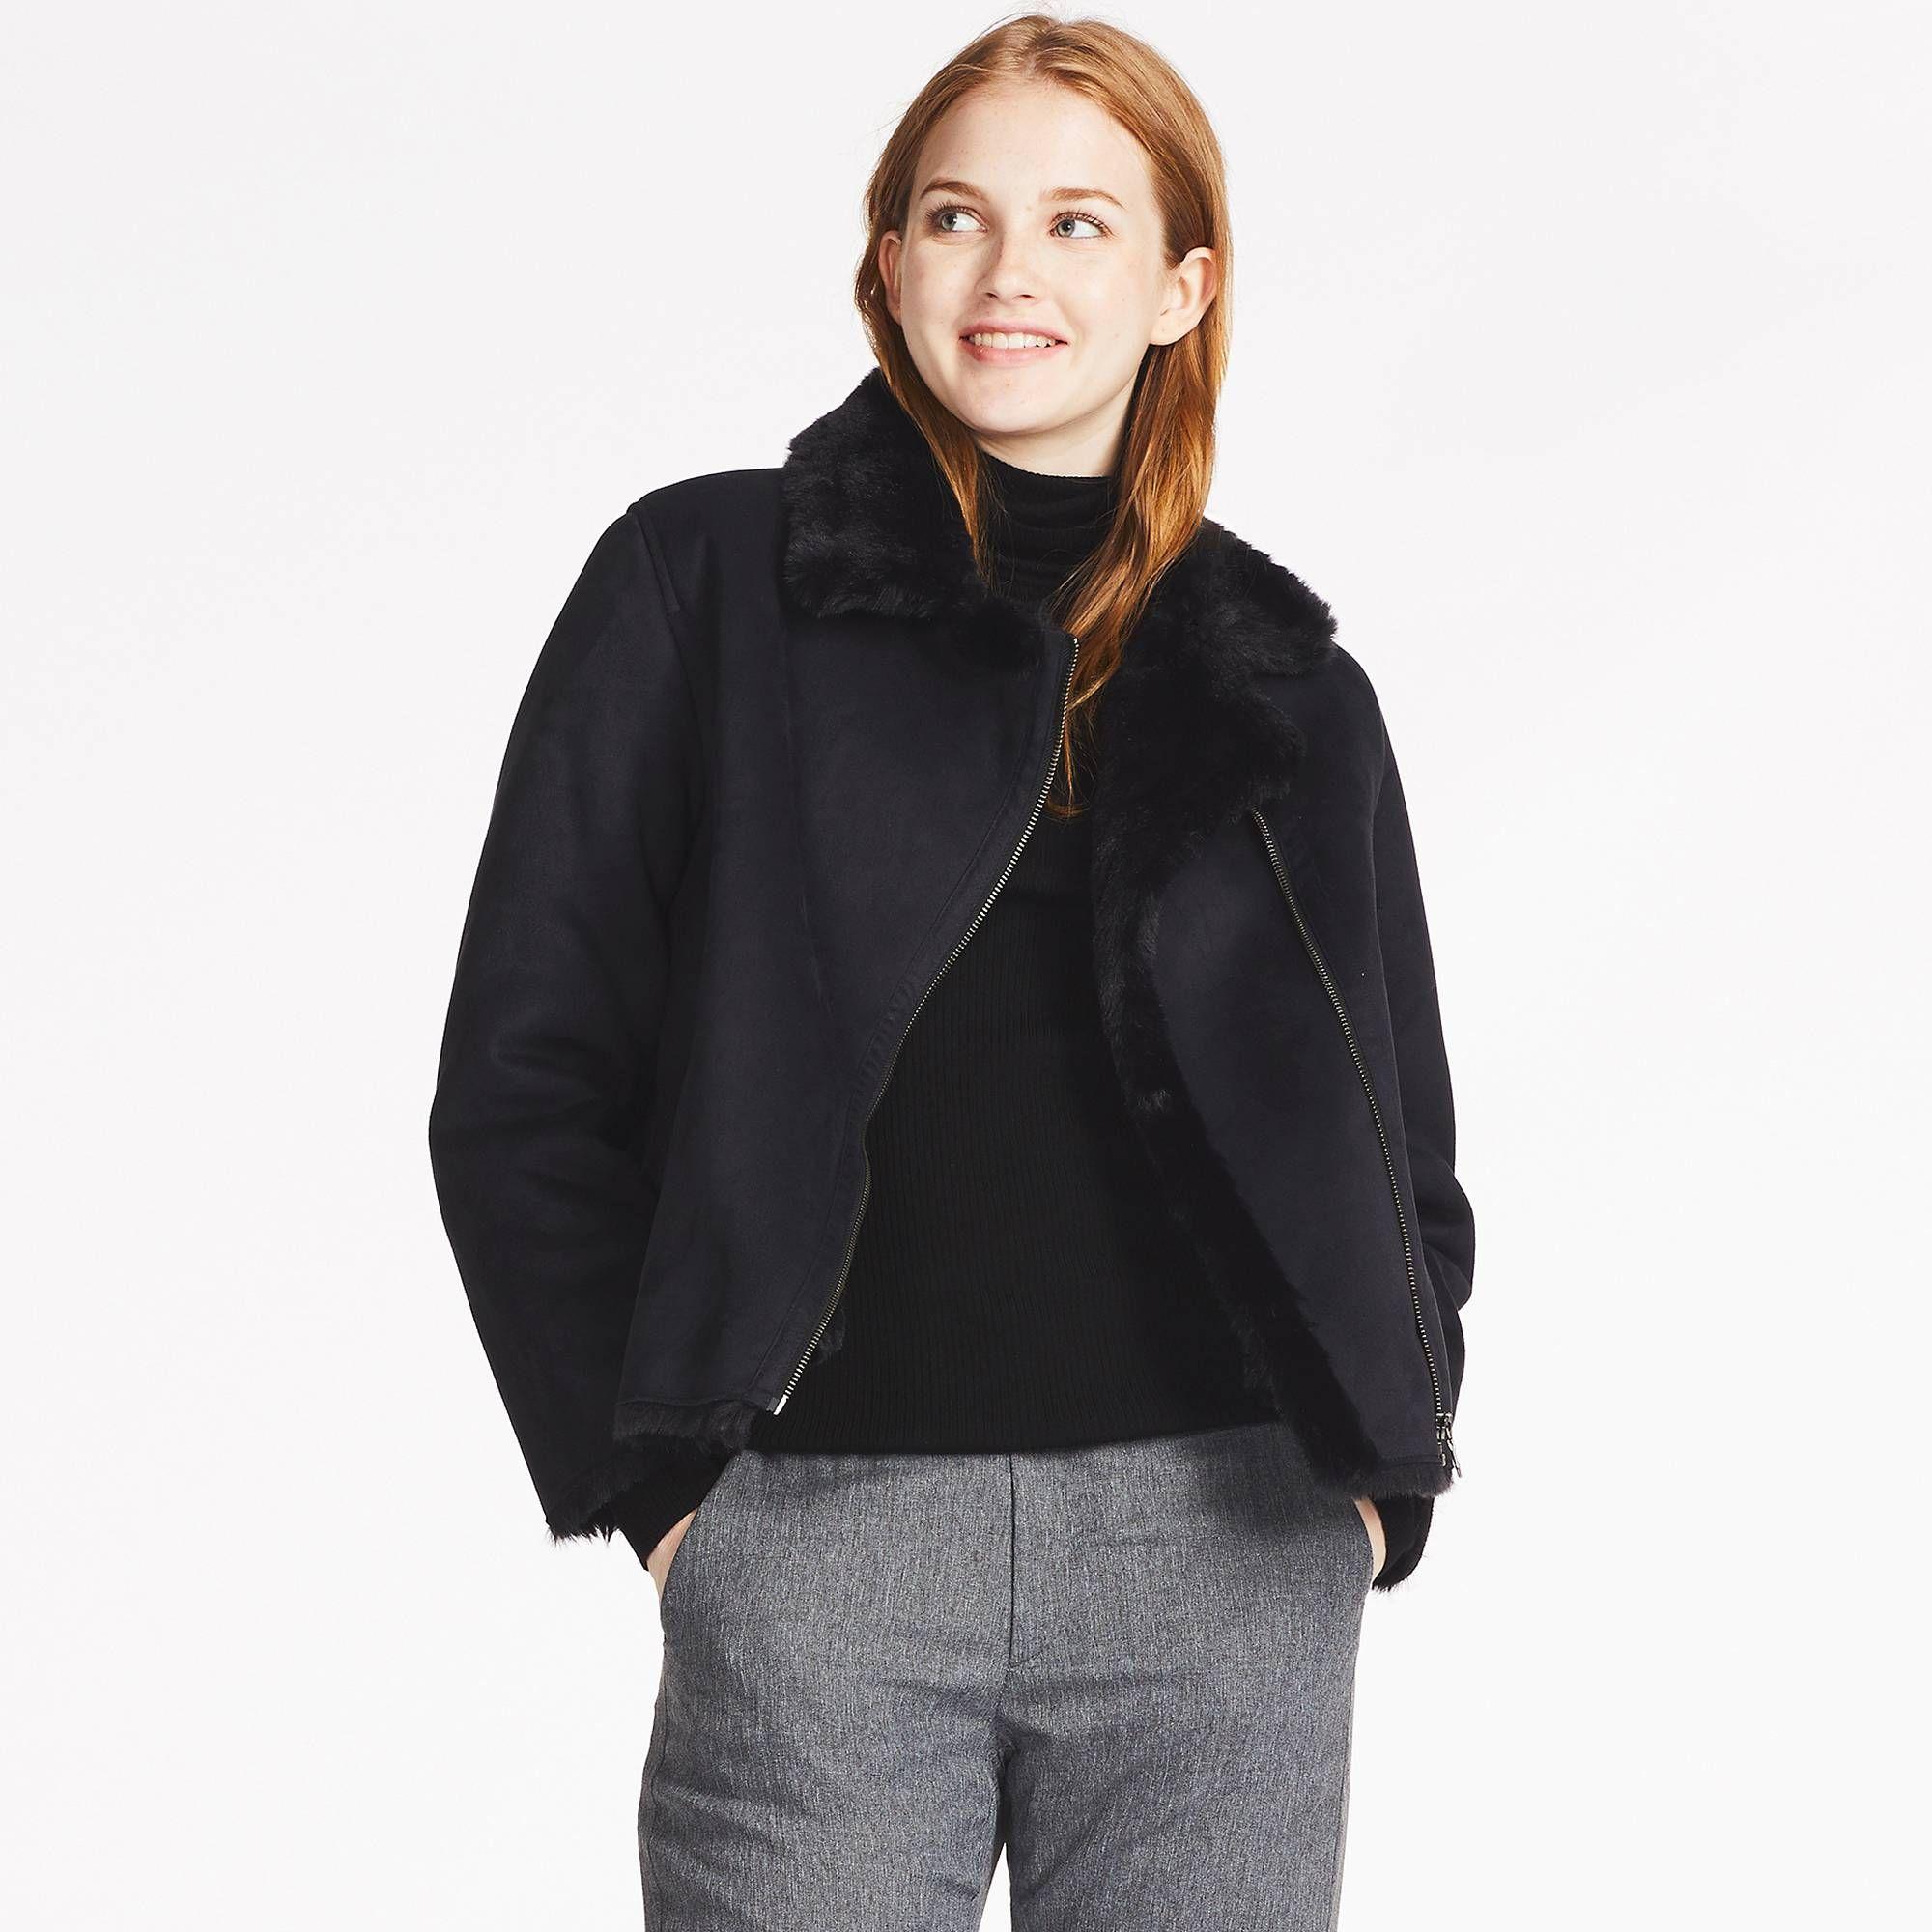 Women faux shearling jacket | Faux shearling jacket, Shearling ...